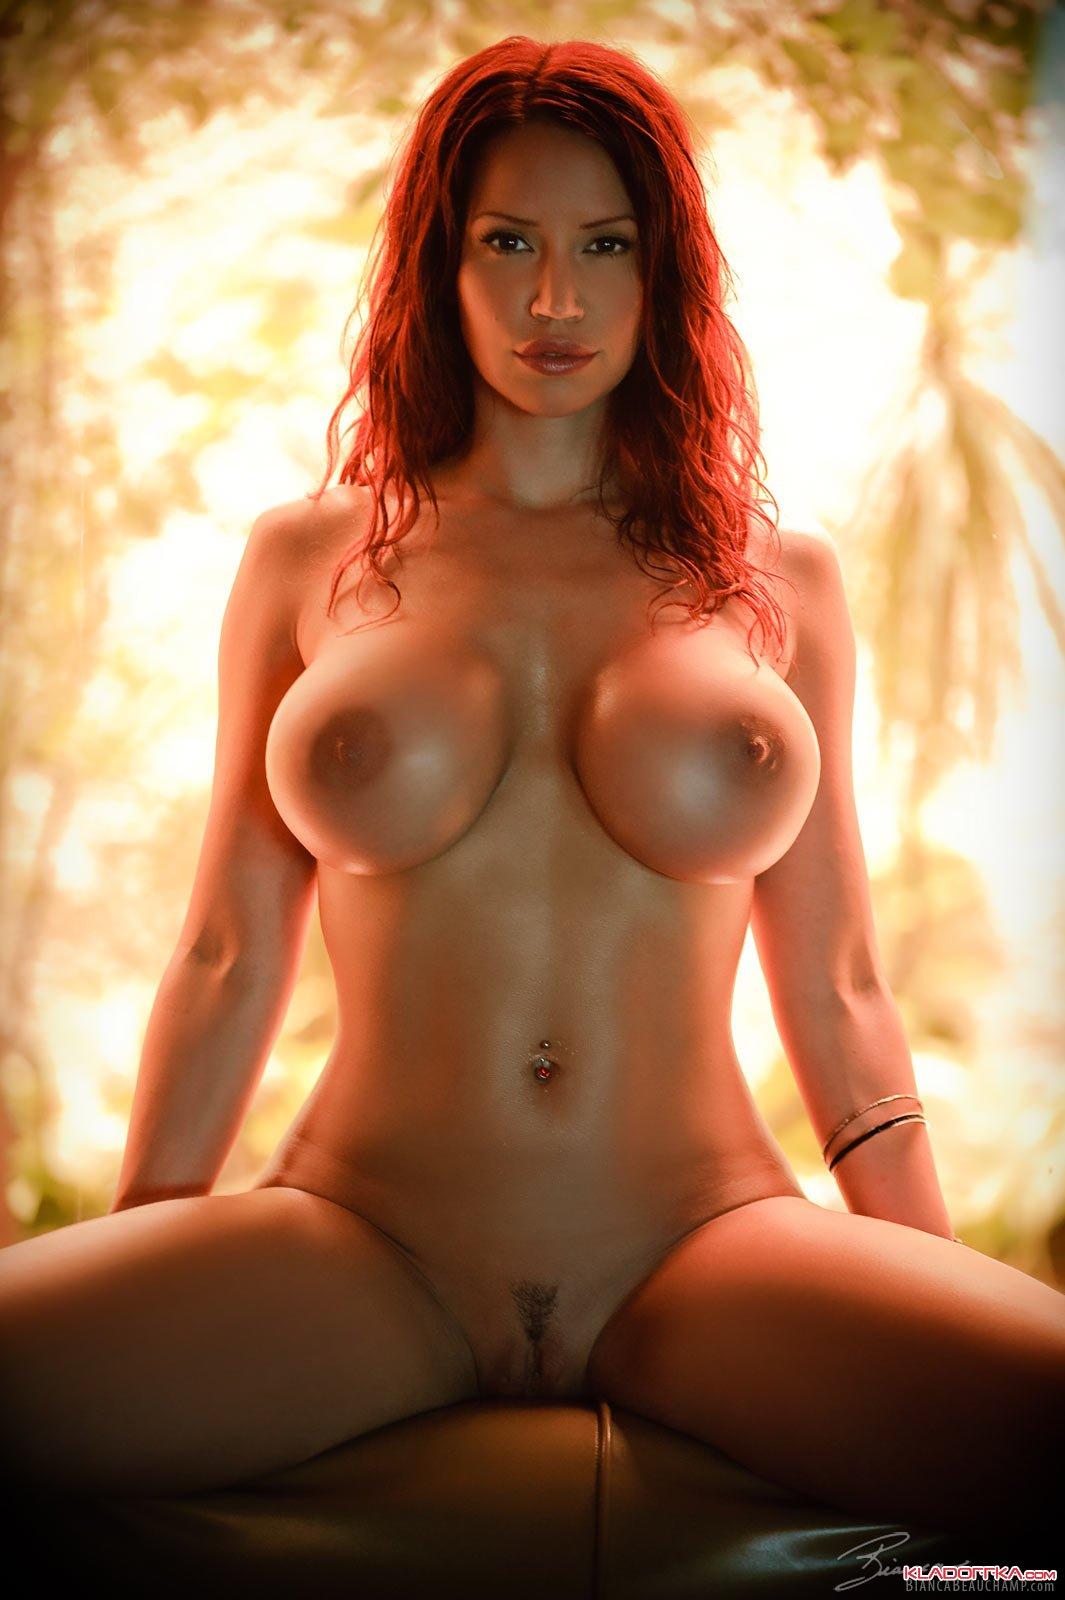 Голые девушки в порно  смотреть фото эротику с сиськами